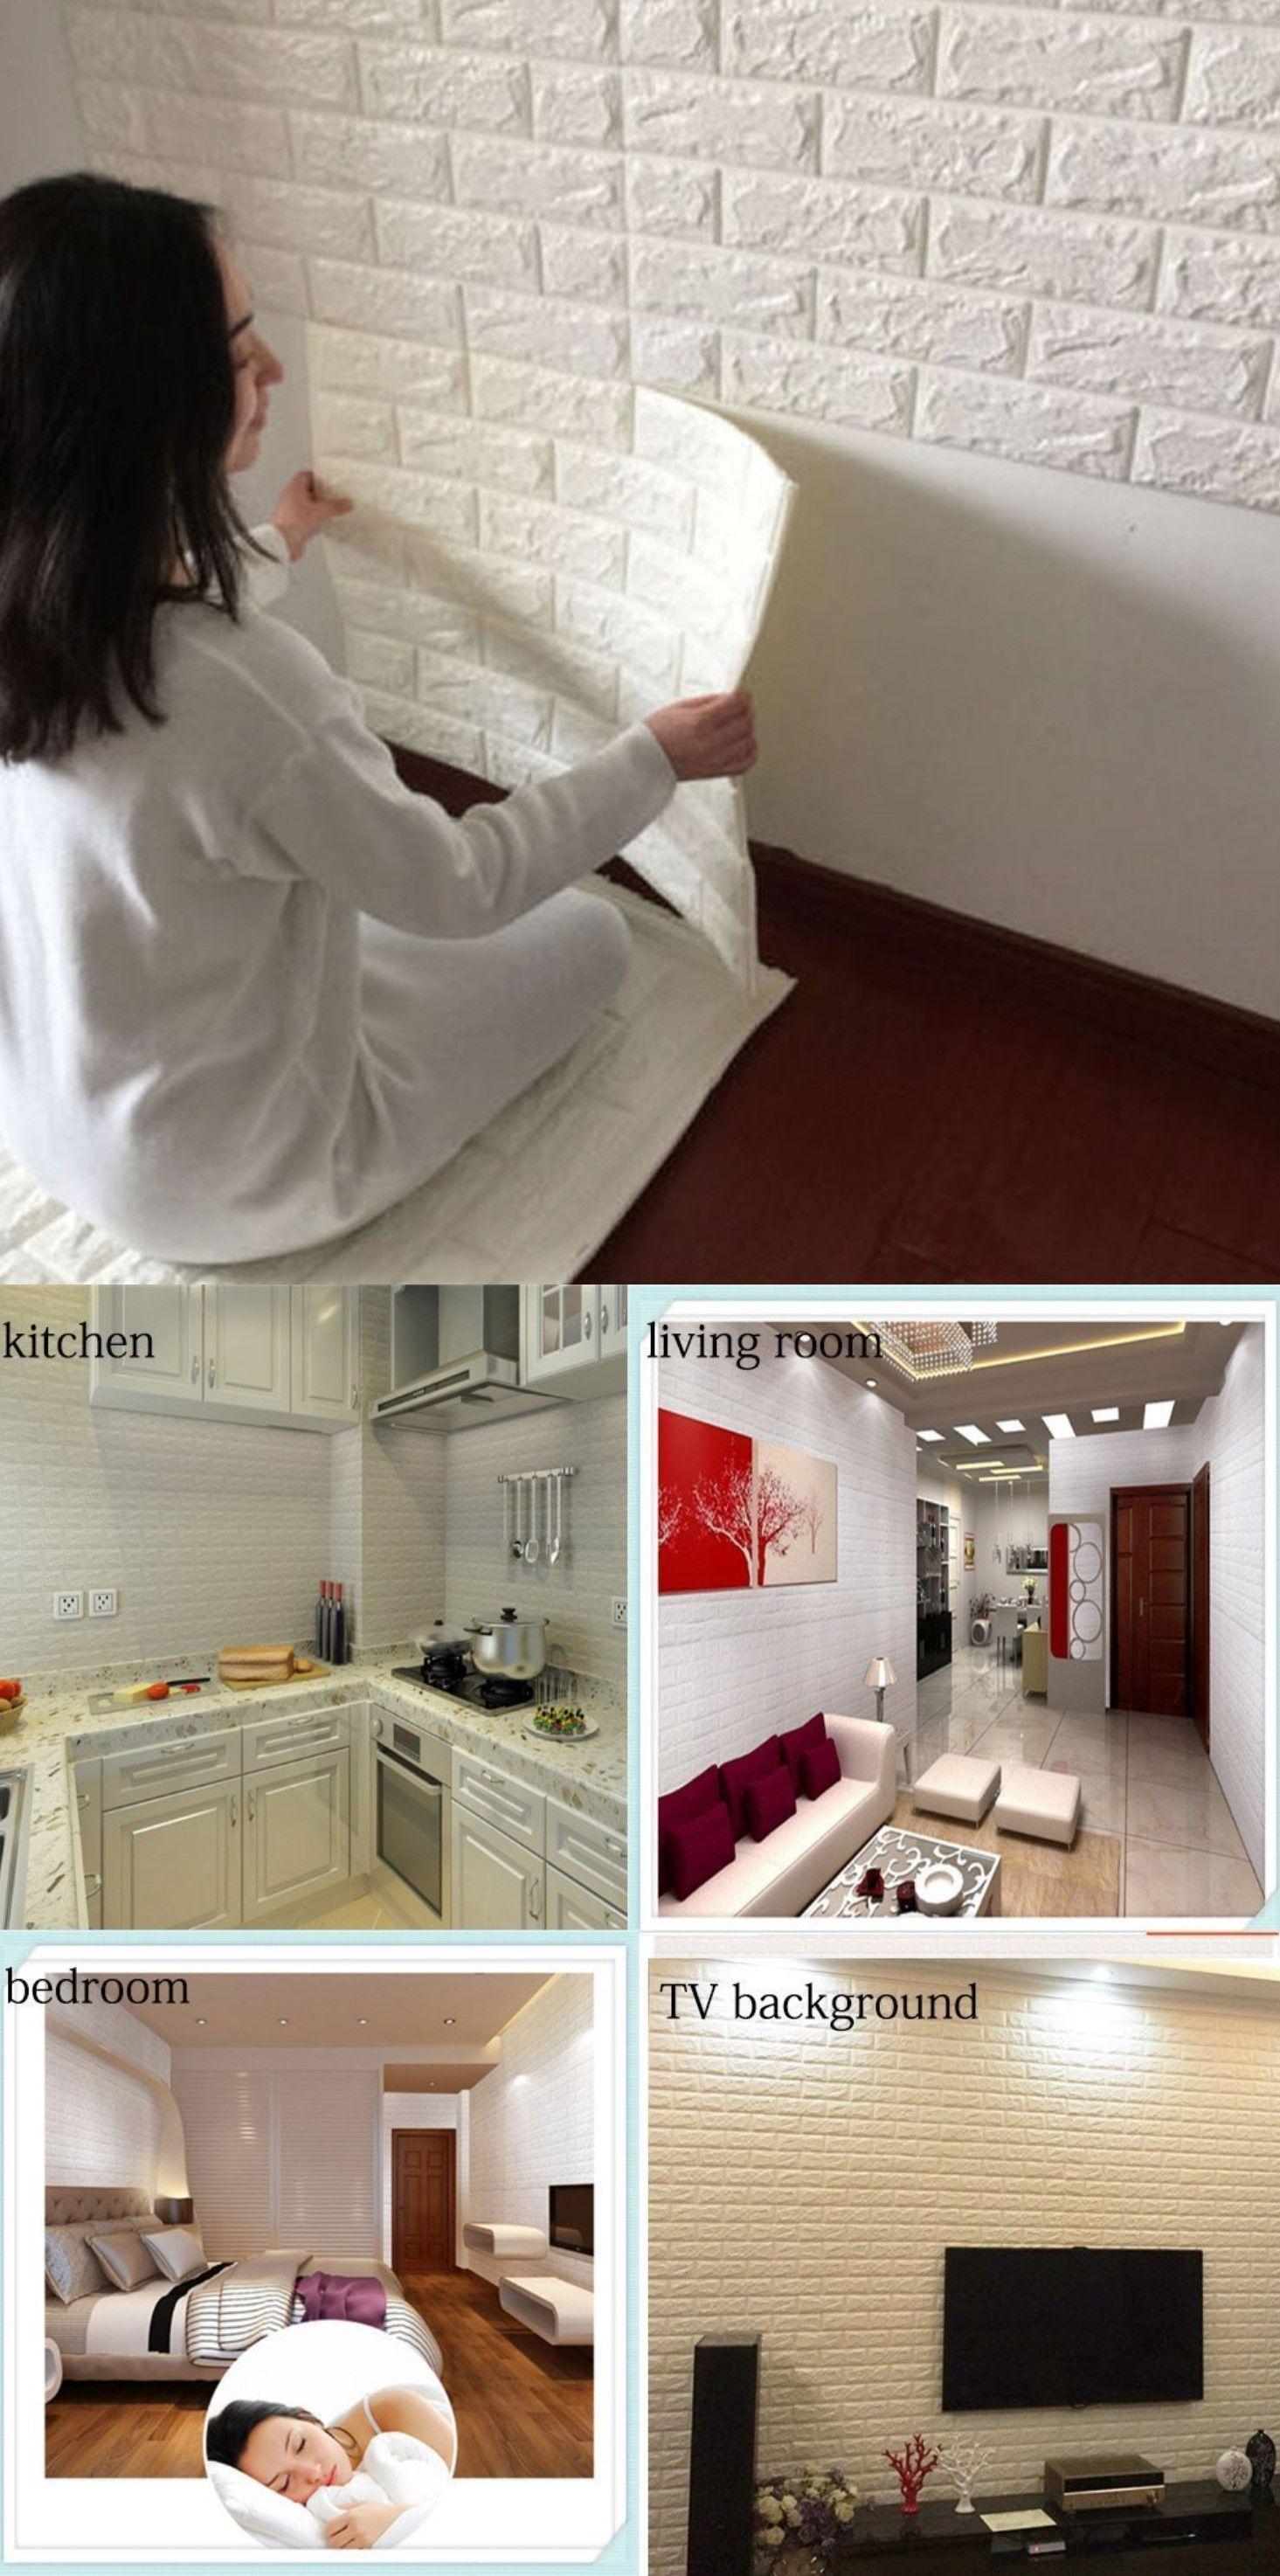 Home küche einfache design bilder dodoing fliesensticker aufkleber fliesenbild selbstklebend tapete